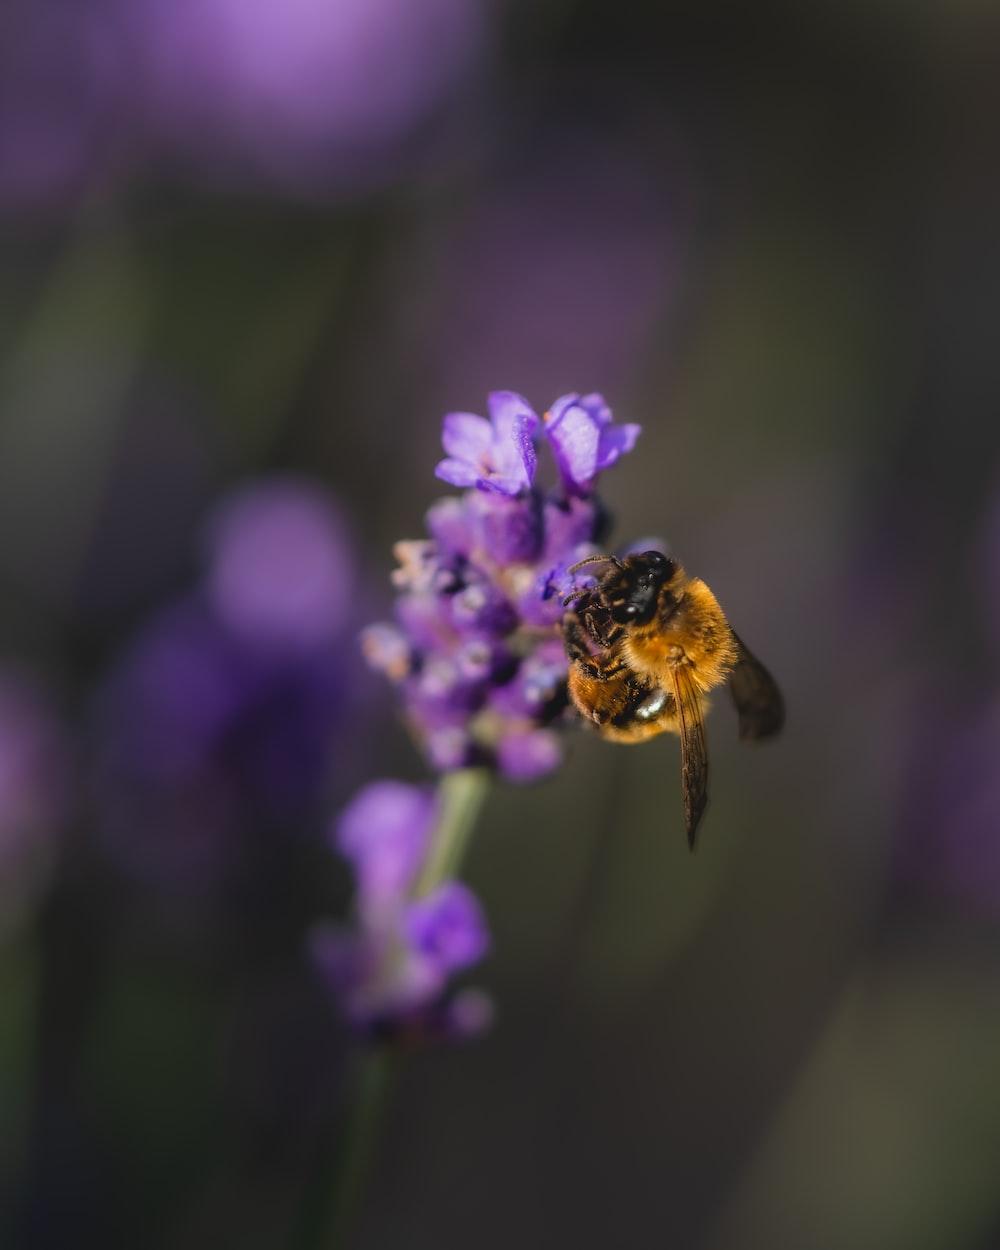 yellow bumblebee